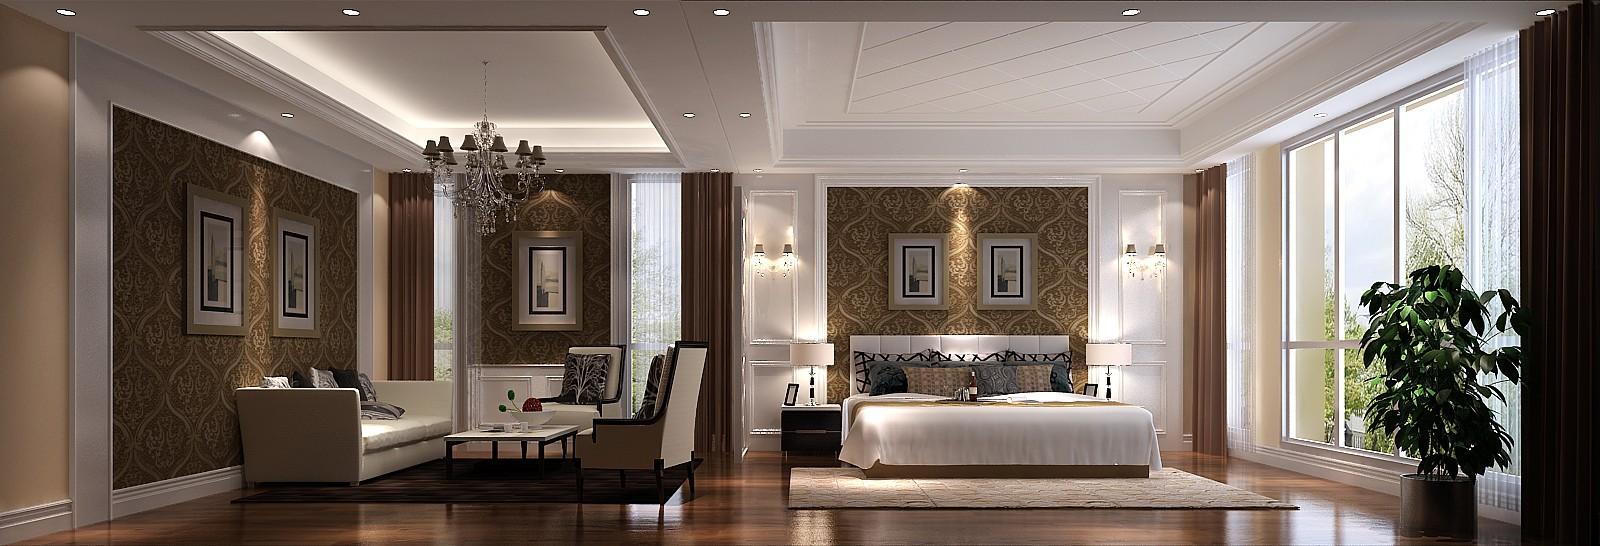 领秀新硅谷 高度国际 简约 欧式 别墅 白领 80后 小资 卧室图片来自北京高度国际装饰设计在领秀新硅谷380平简欧独栋别墅的分享